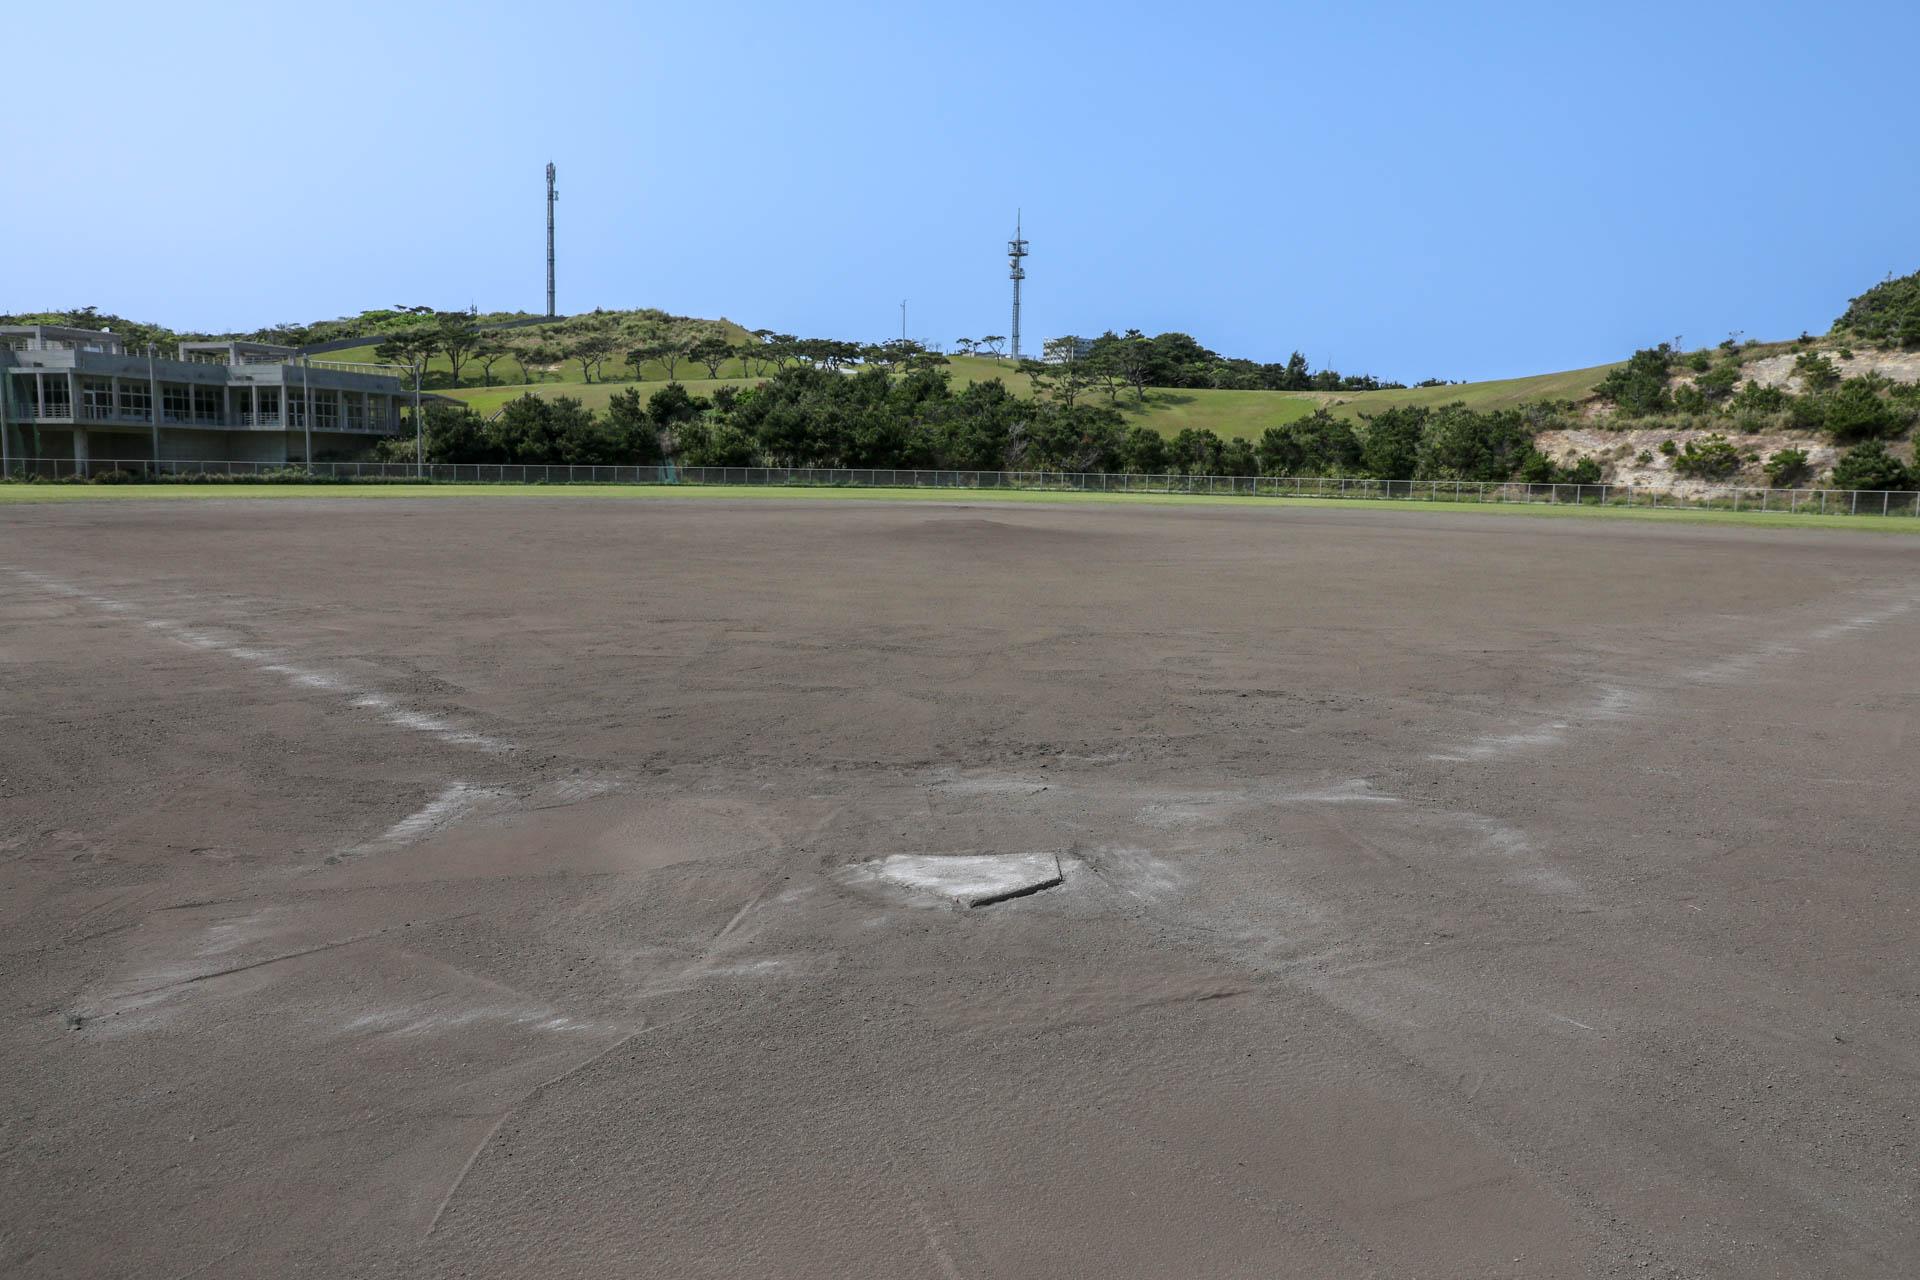 国立沖縄青少年交流の家 とかしきサンマリンスタジアムグランデ (野球場)